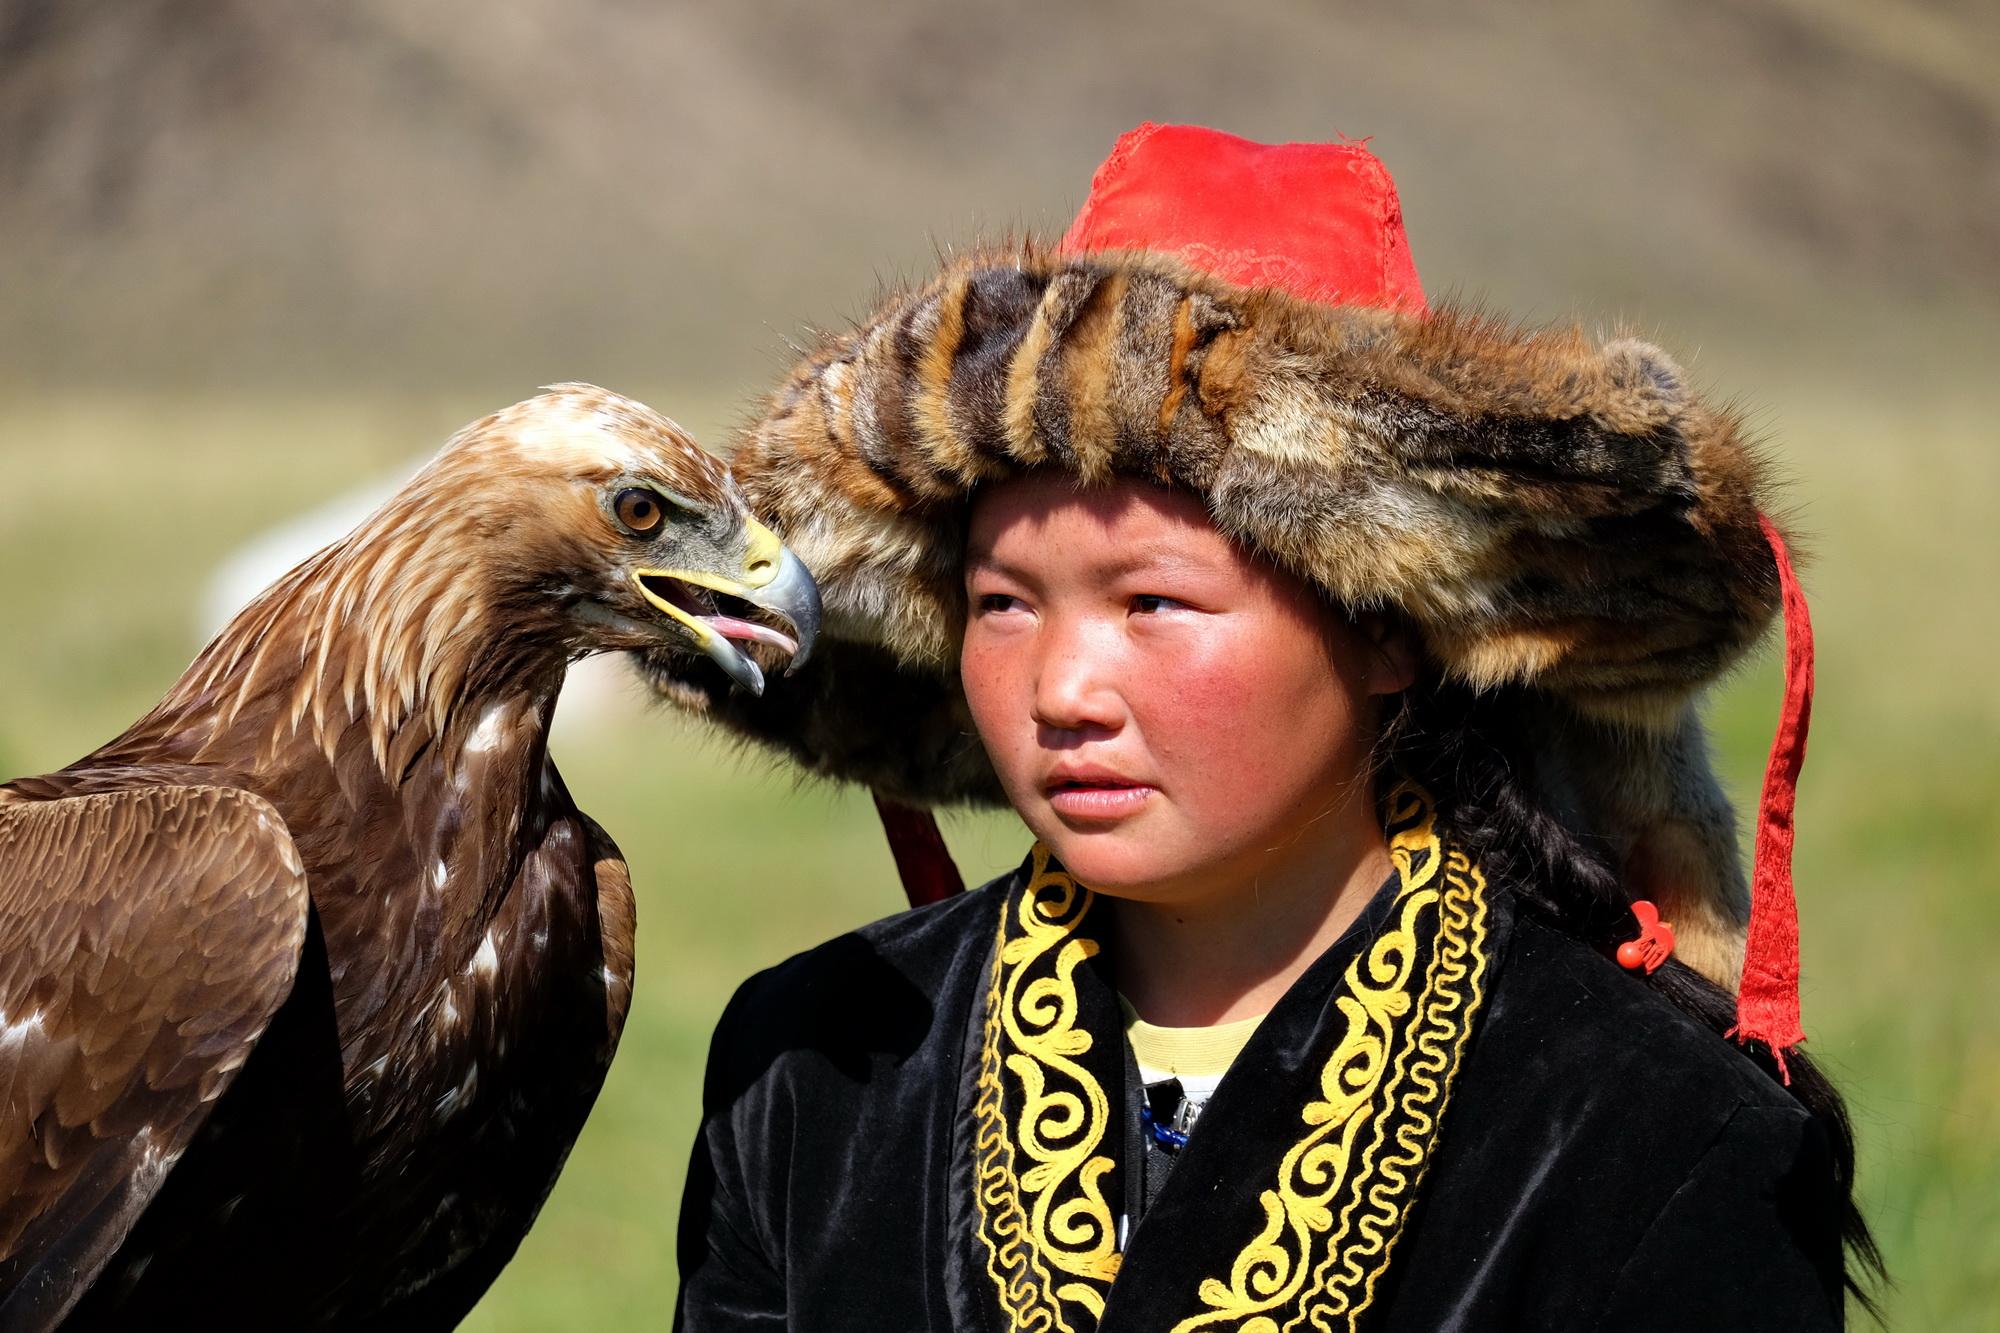 Mongolia_DSCF7580_∏ Luca Bracali